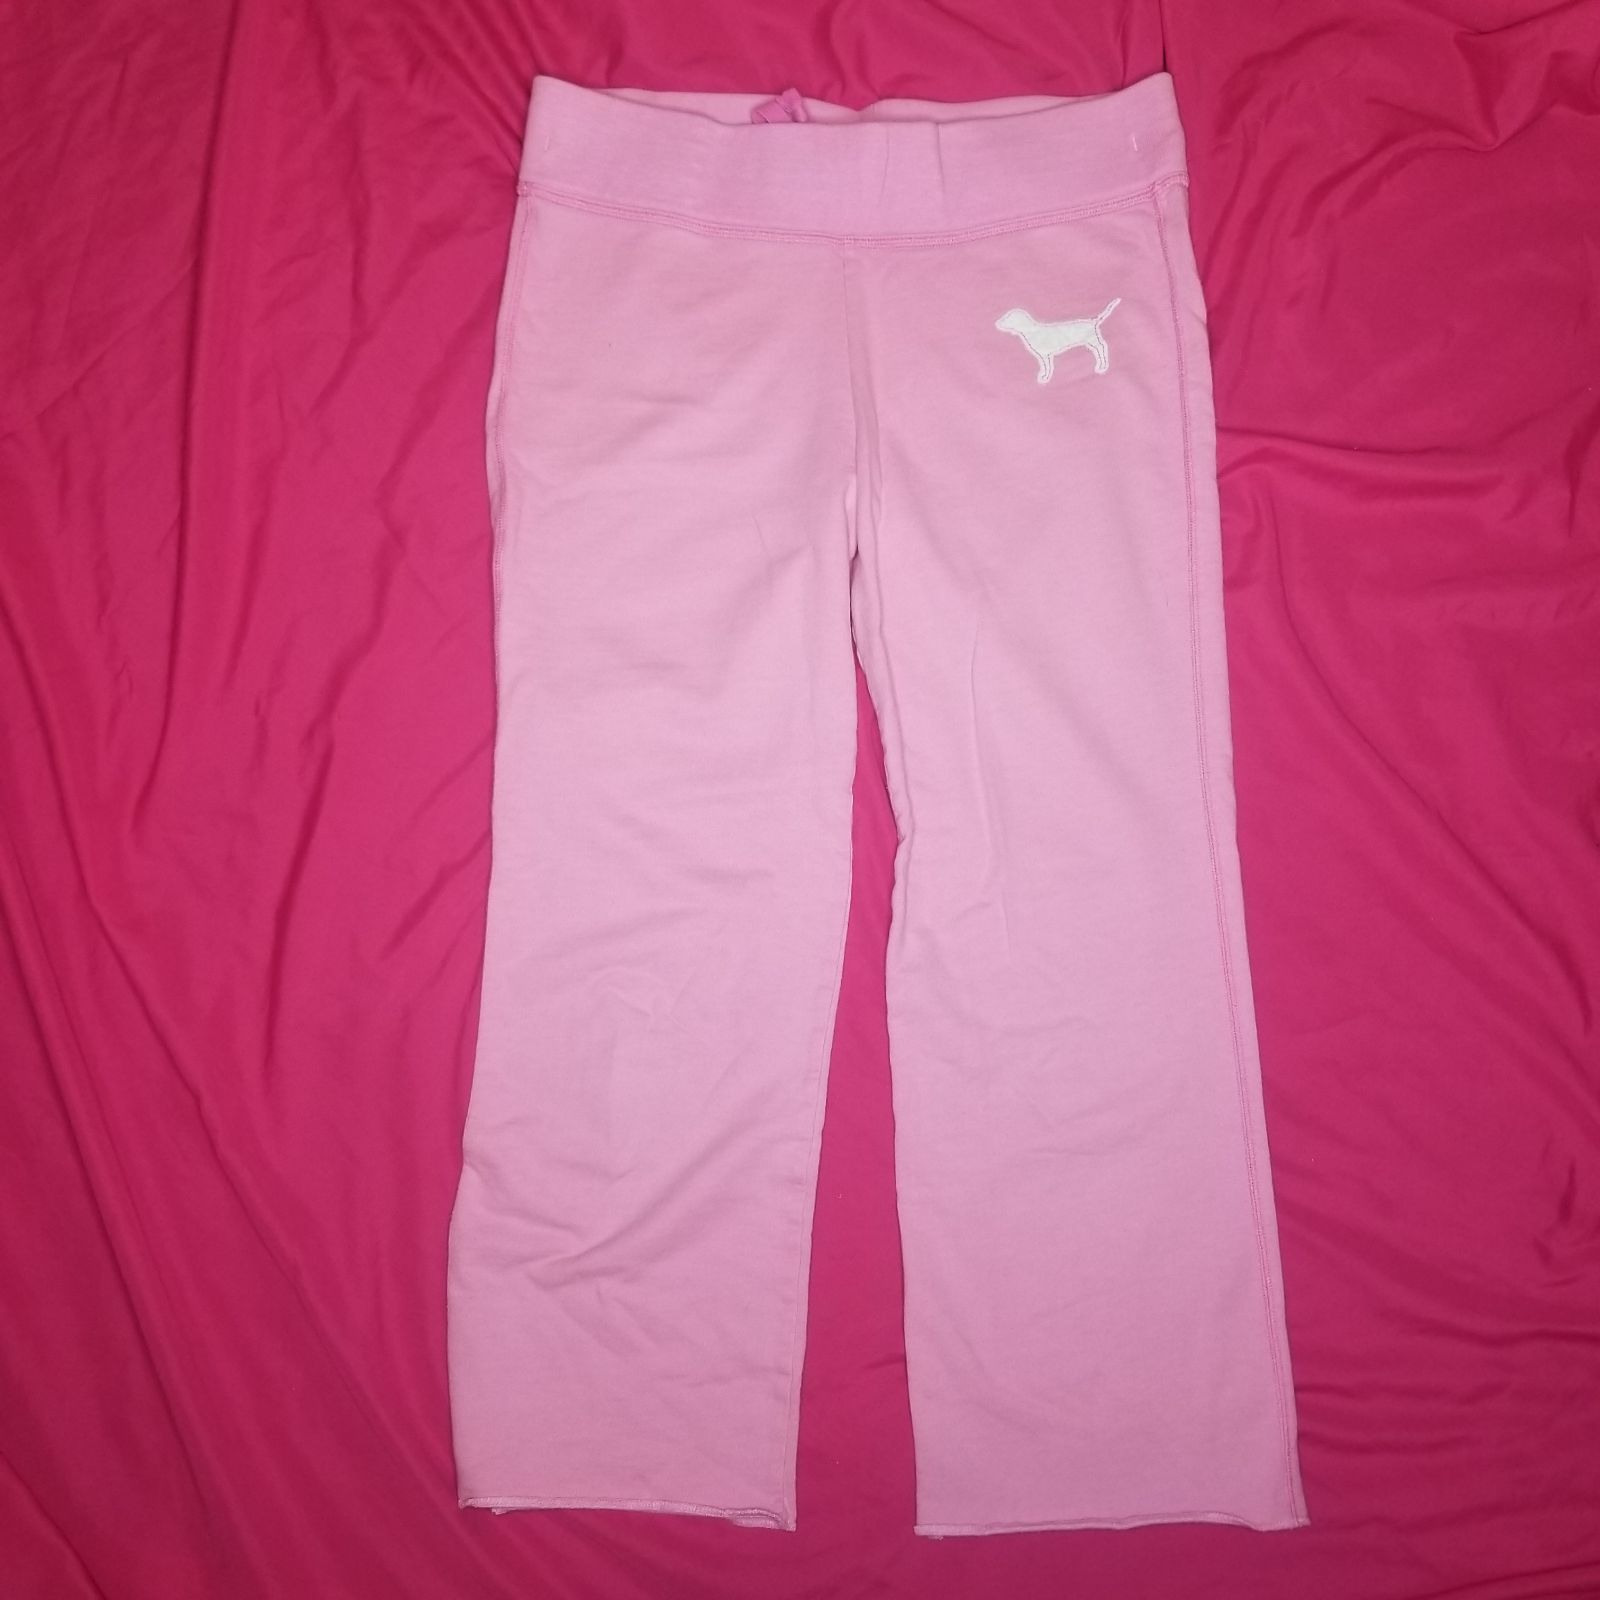 Victoria's Secret PINK Pants Sz M/L